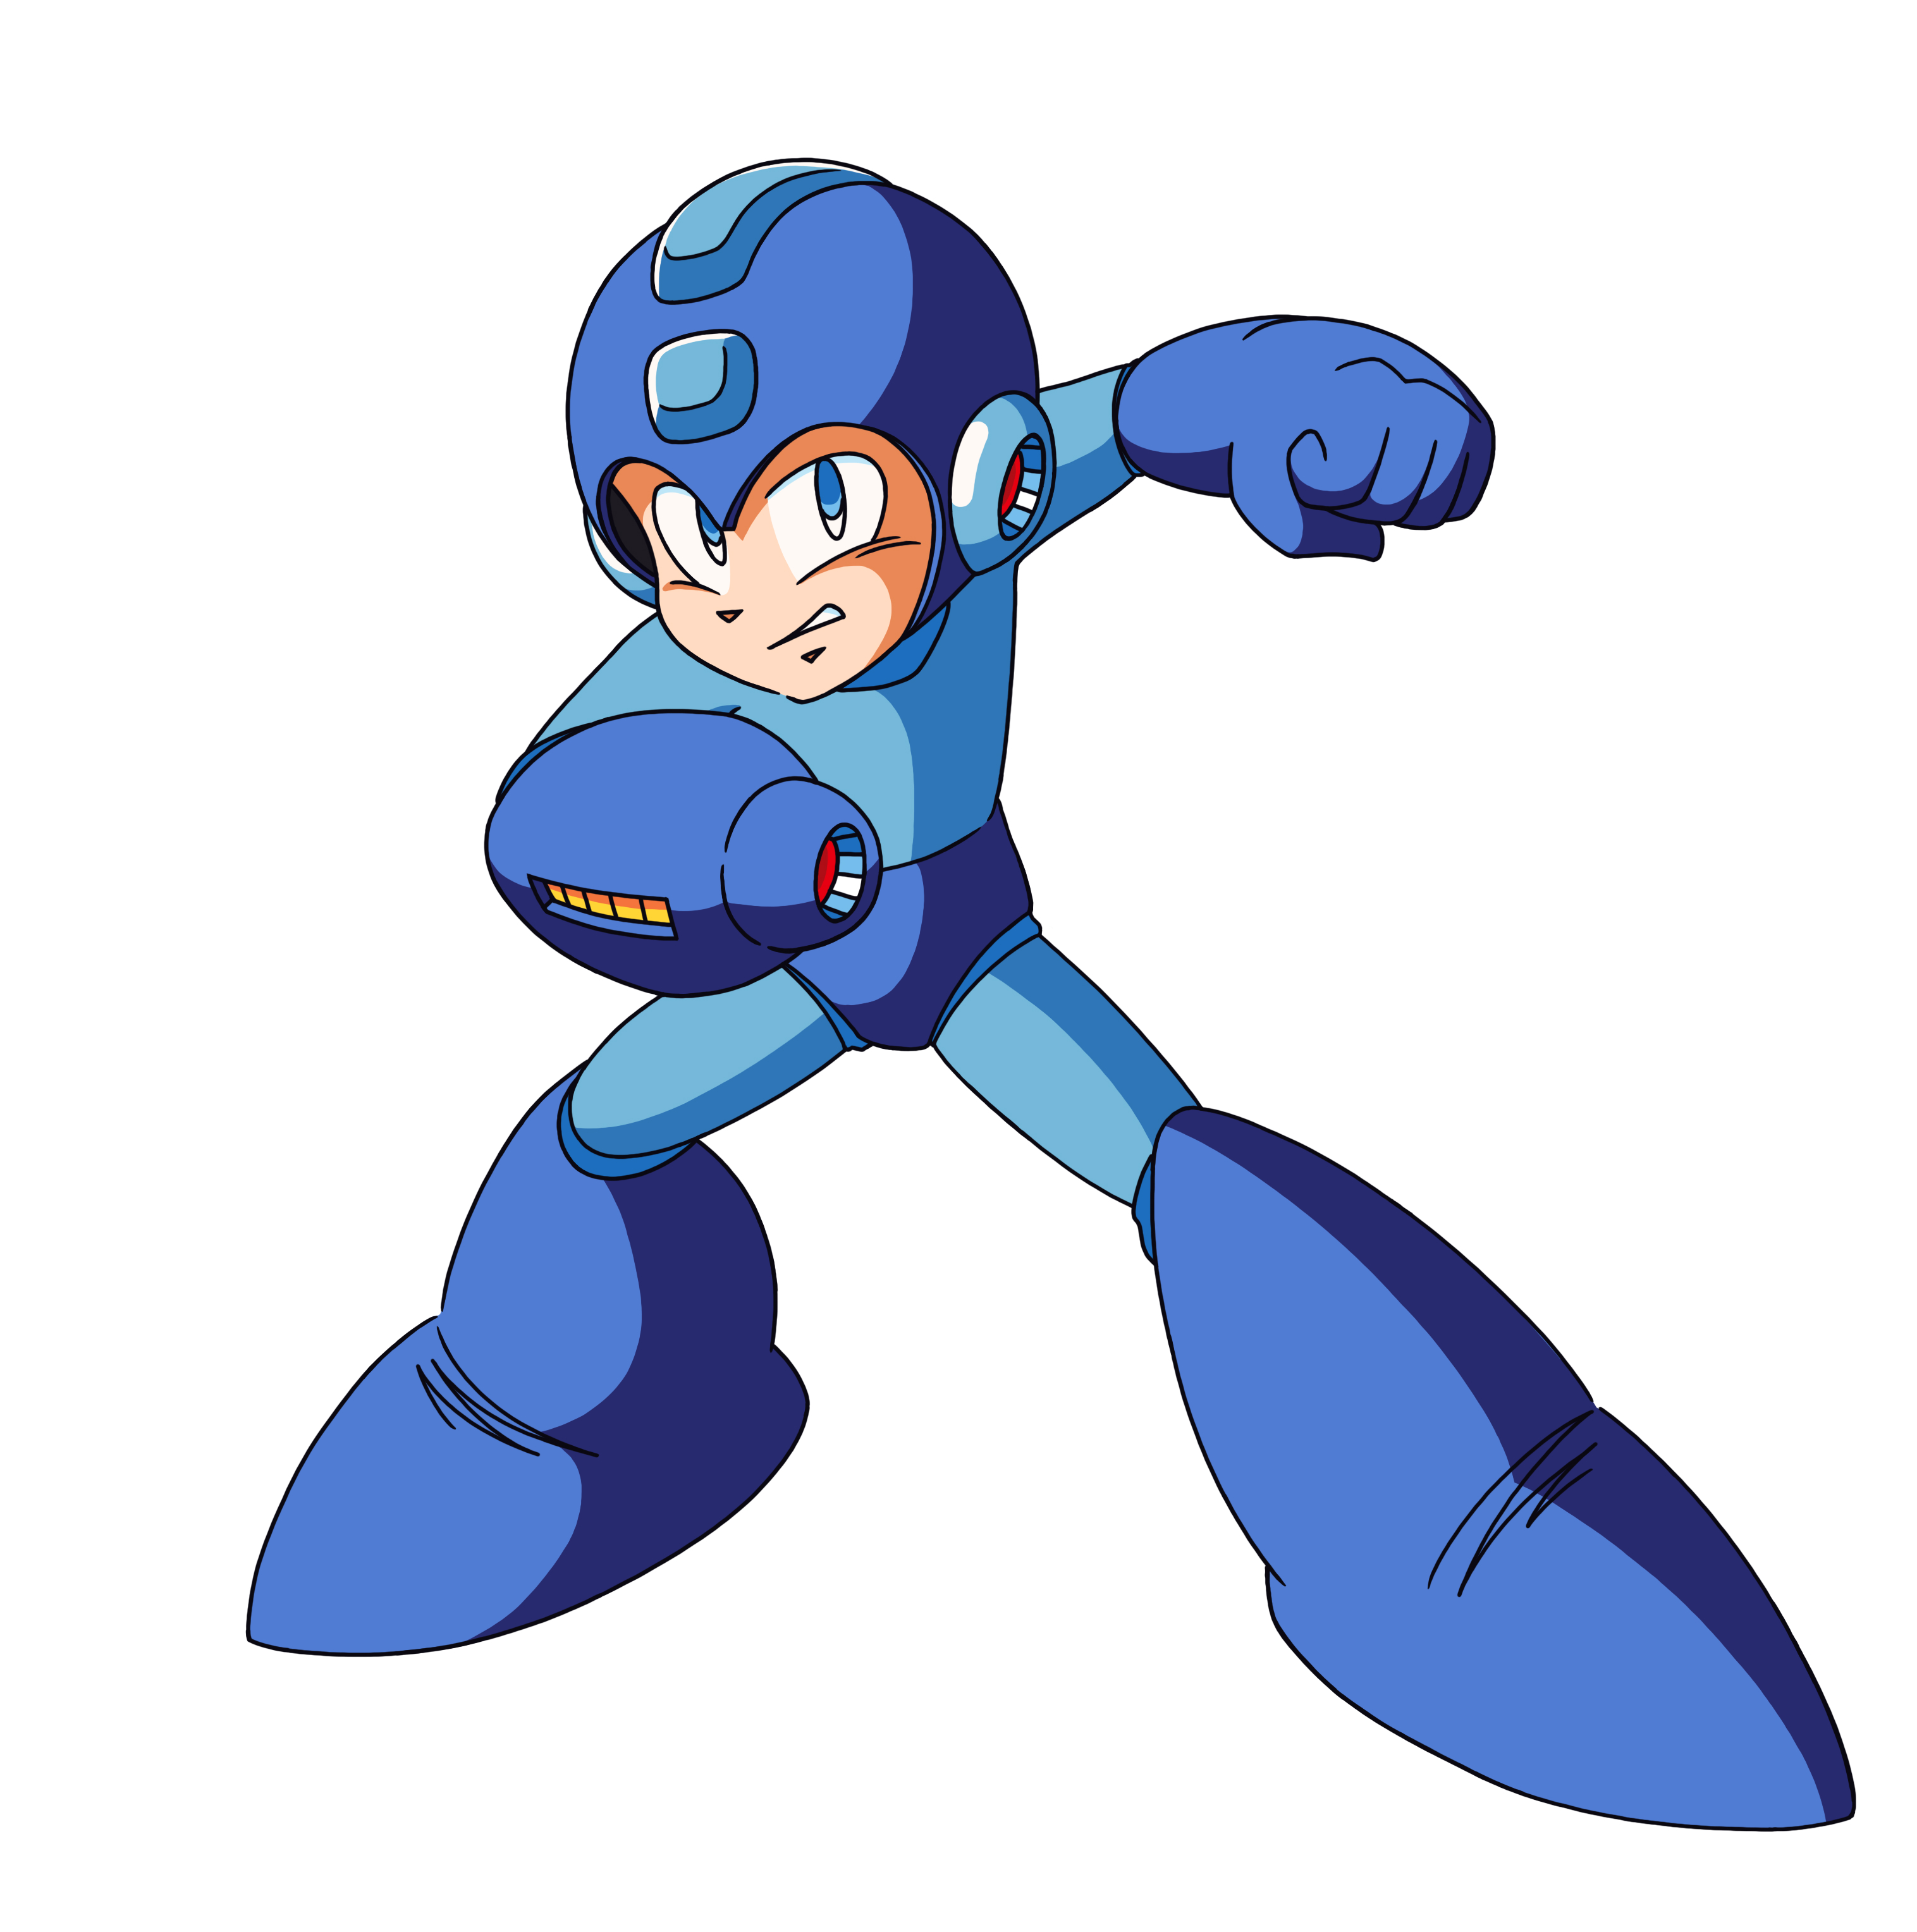 Mega_Man_01_psd_jpgcopy